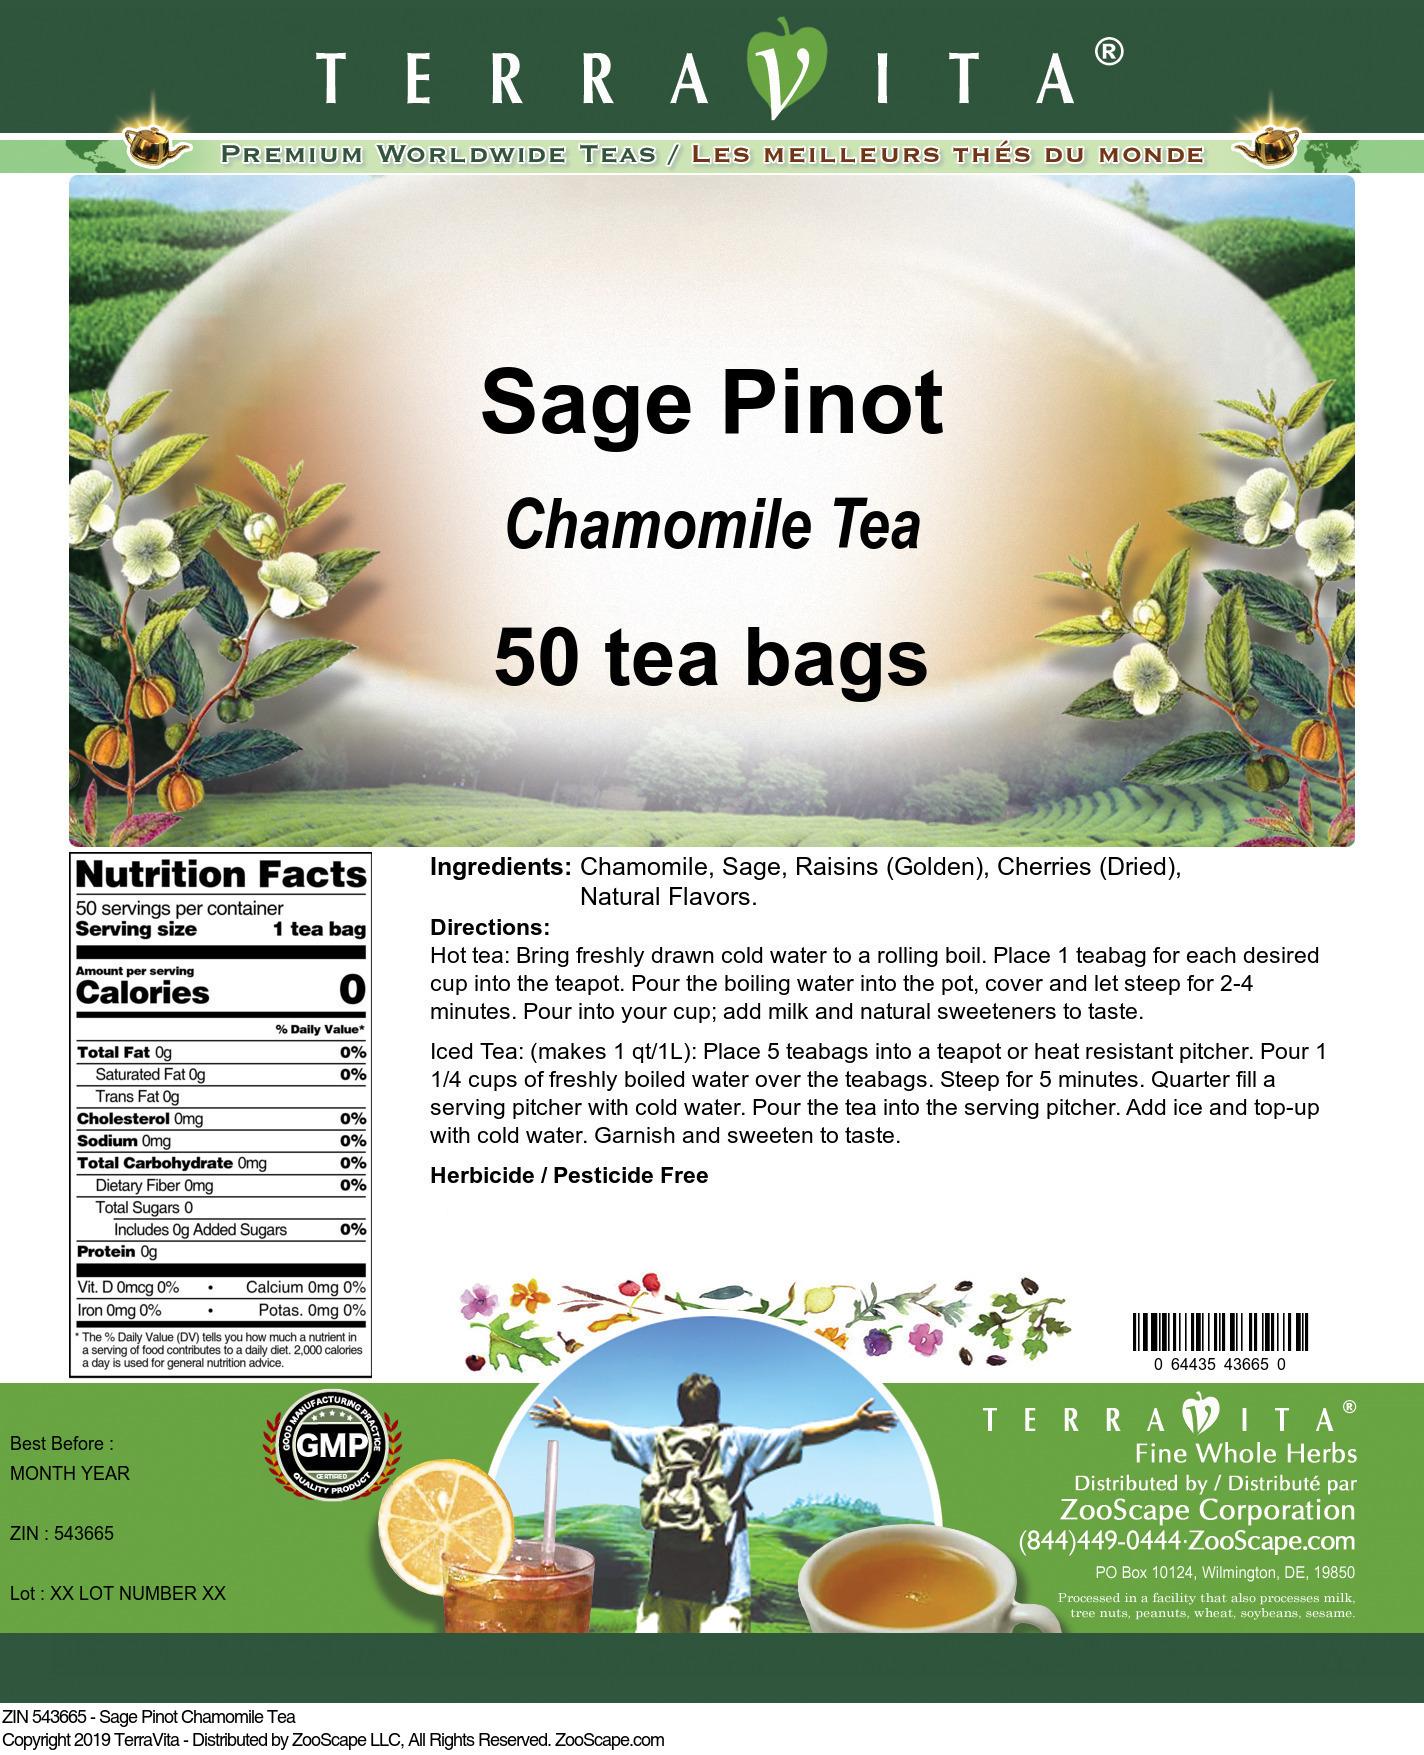 Sage Pinot Chamomile Tea